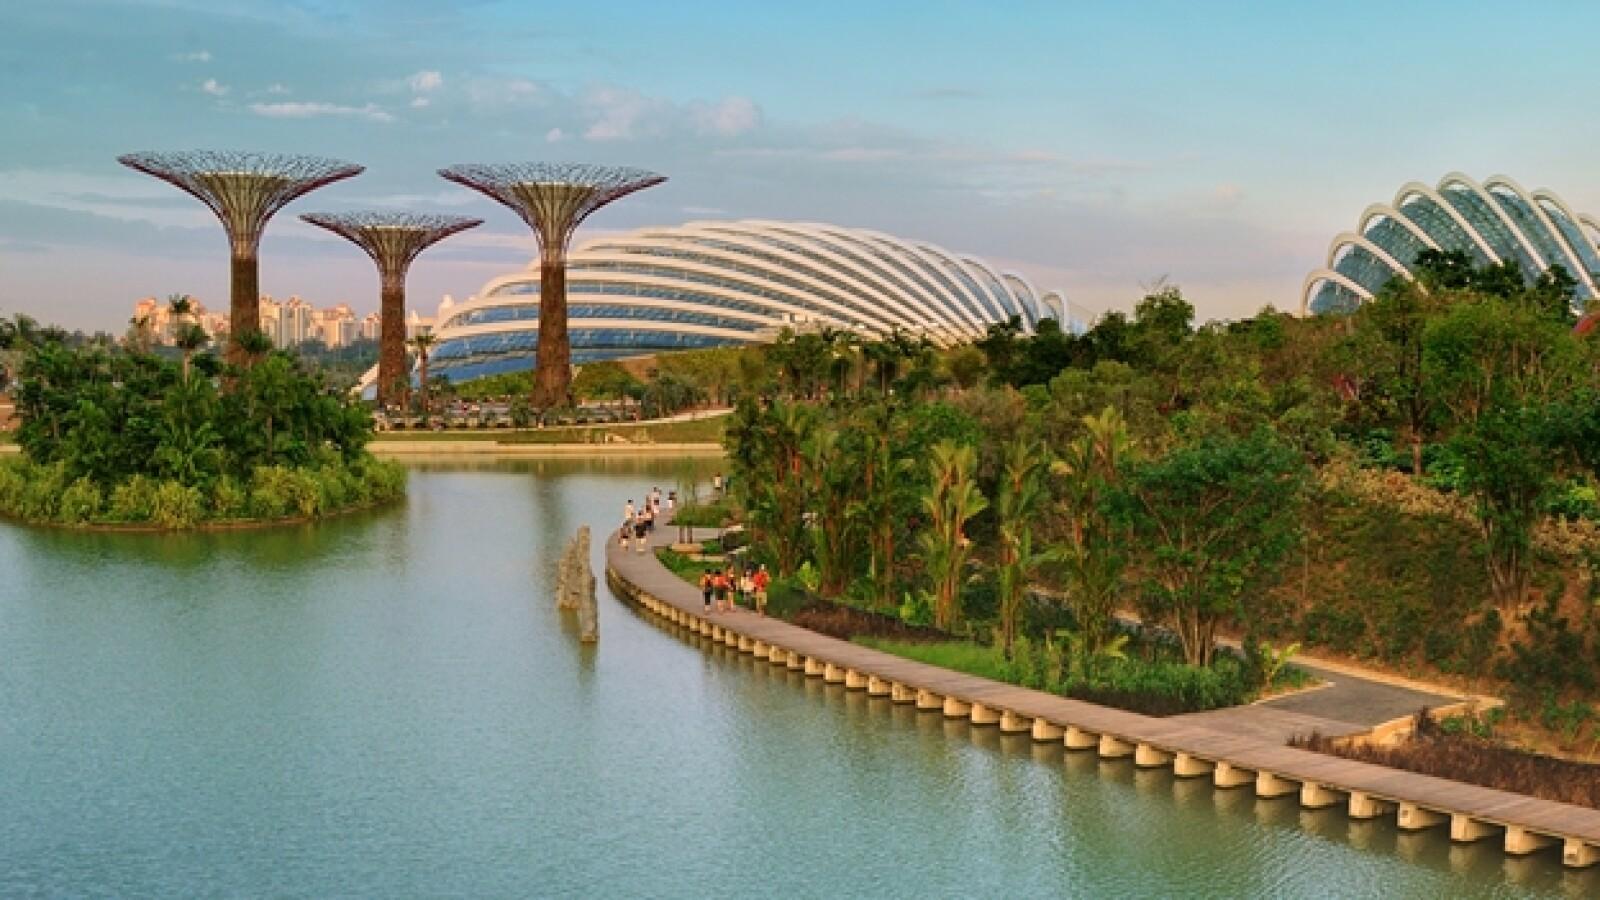 singapur super arboles 02